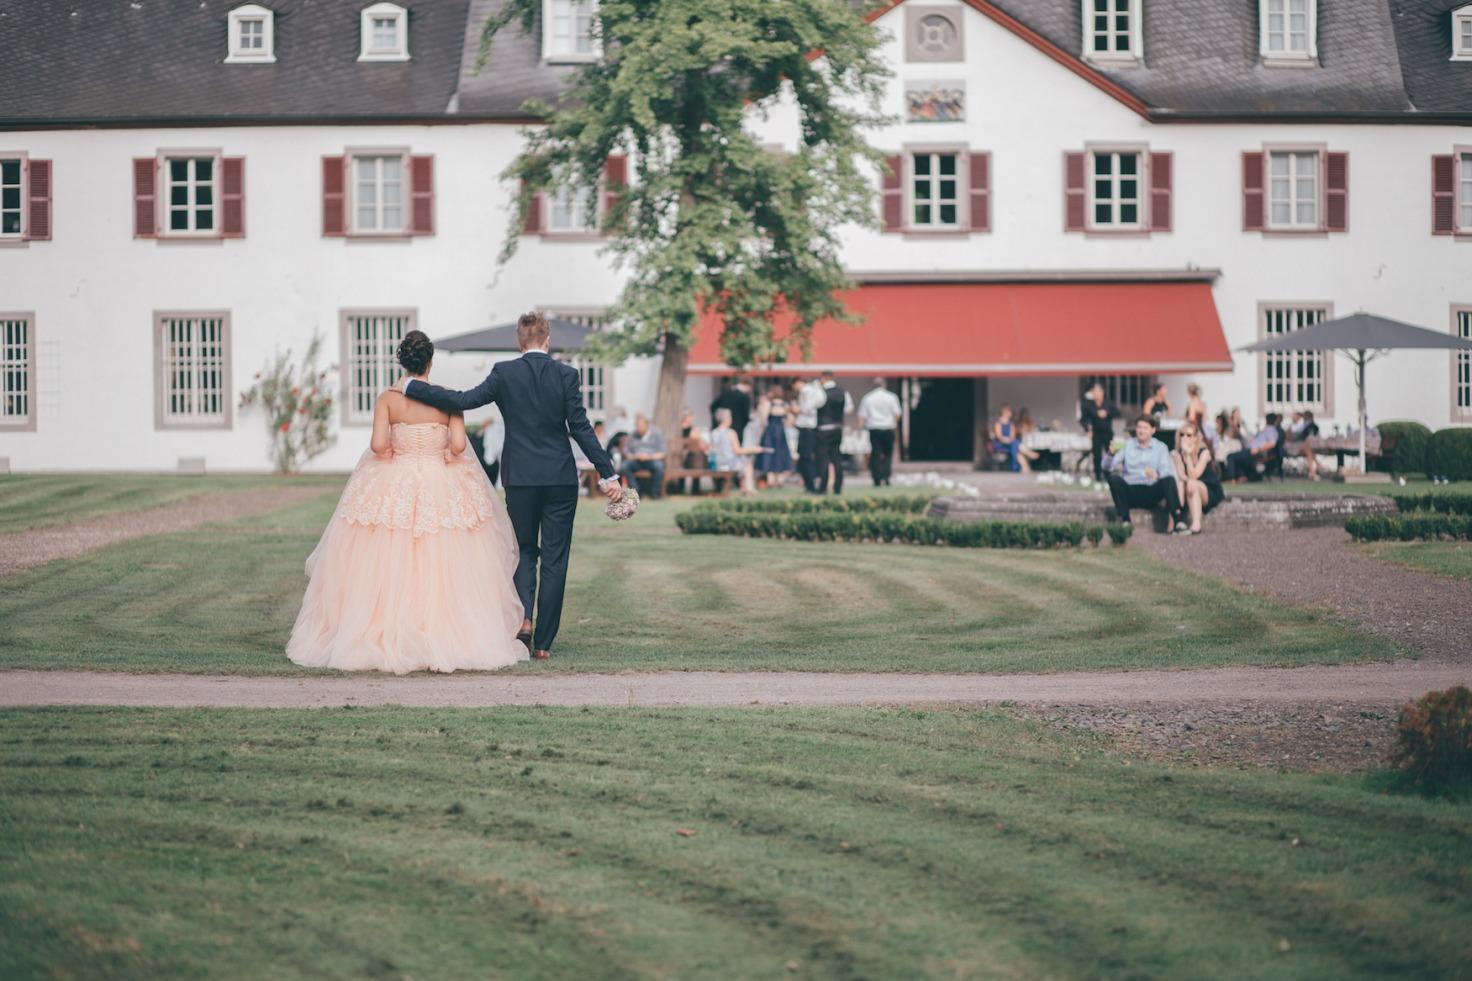 Hochzeit von Tine und Phillip in Münster: Brautpaar vor der Hochzeitslocation